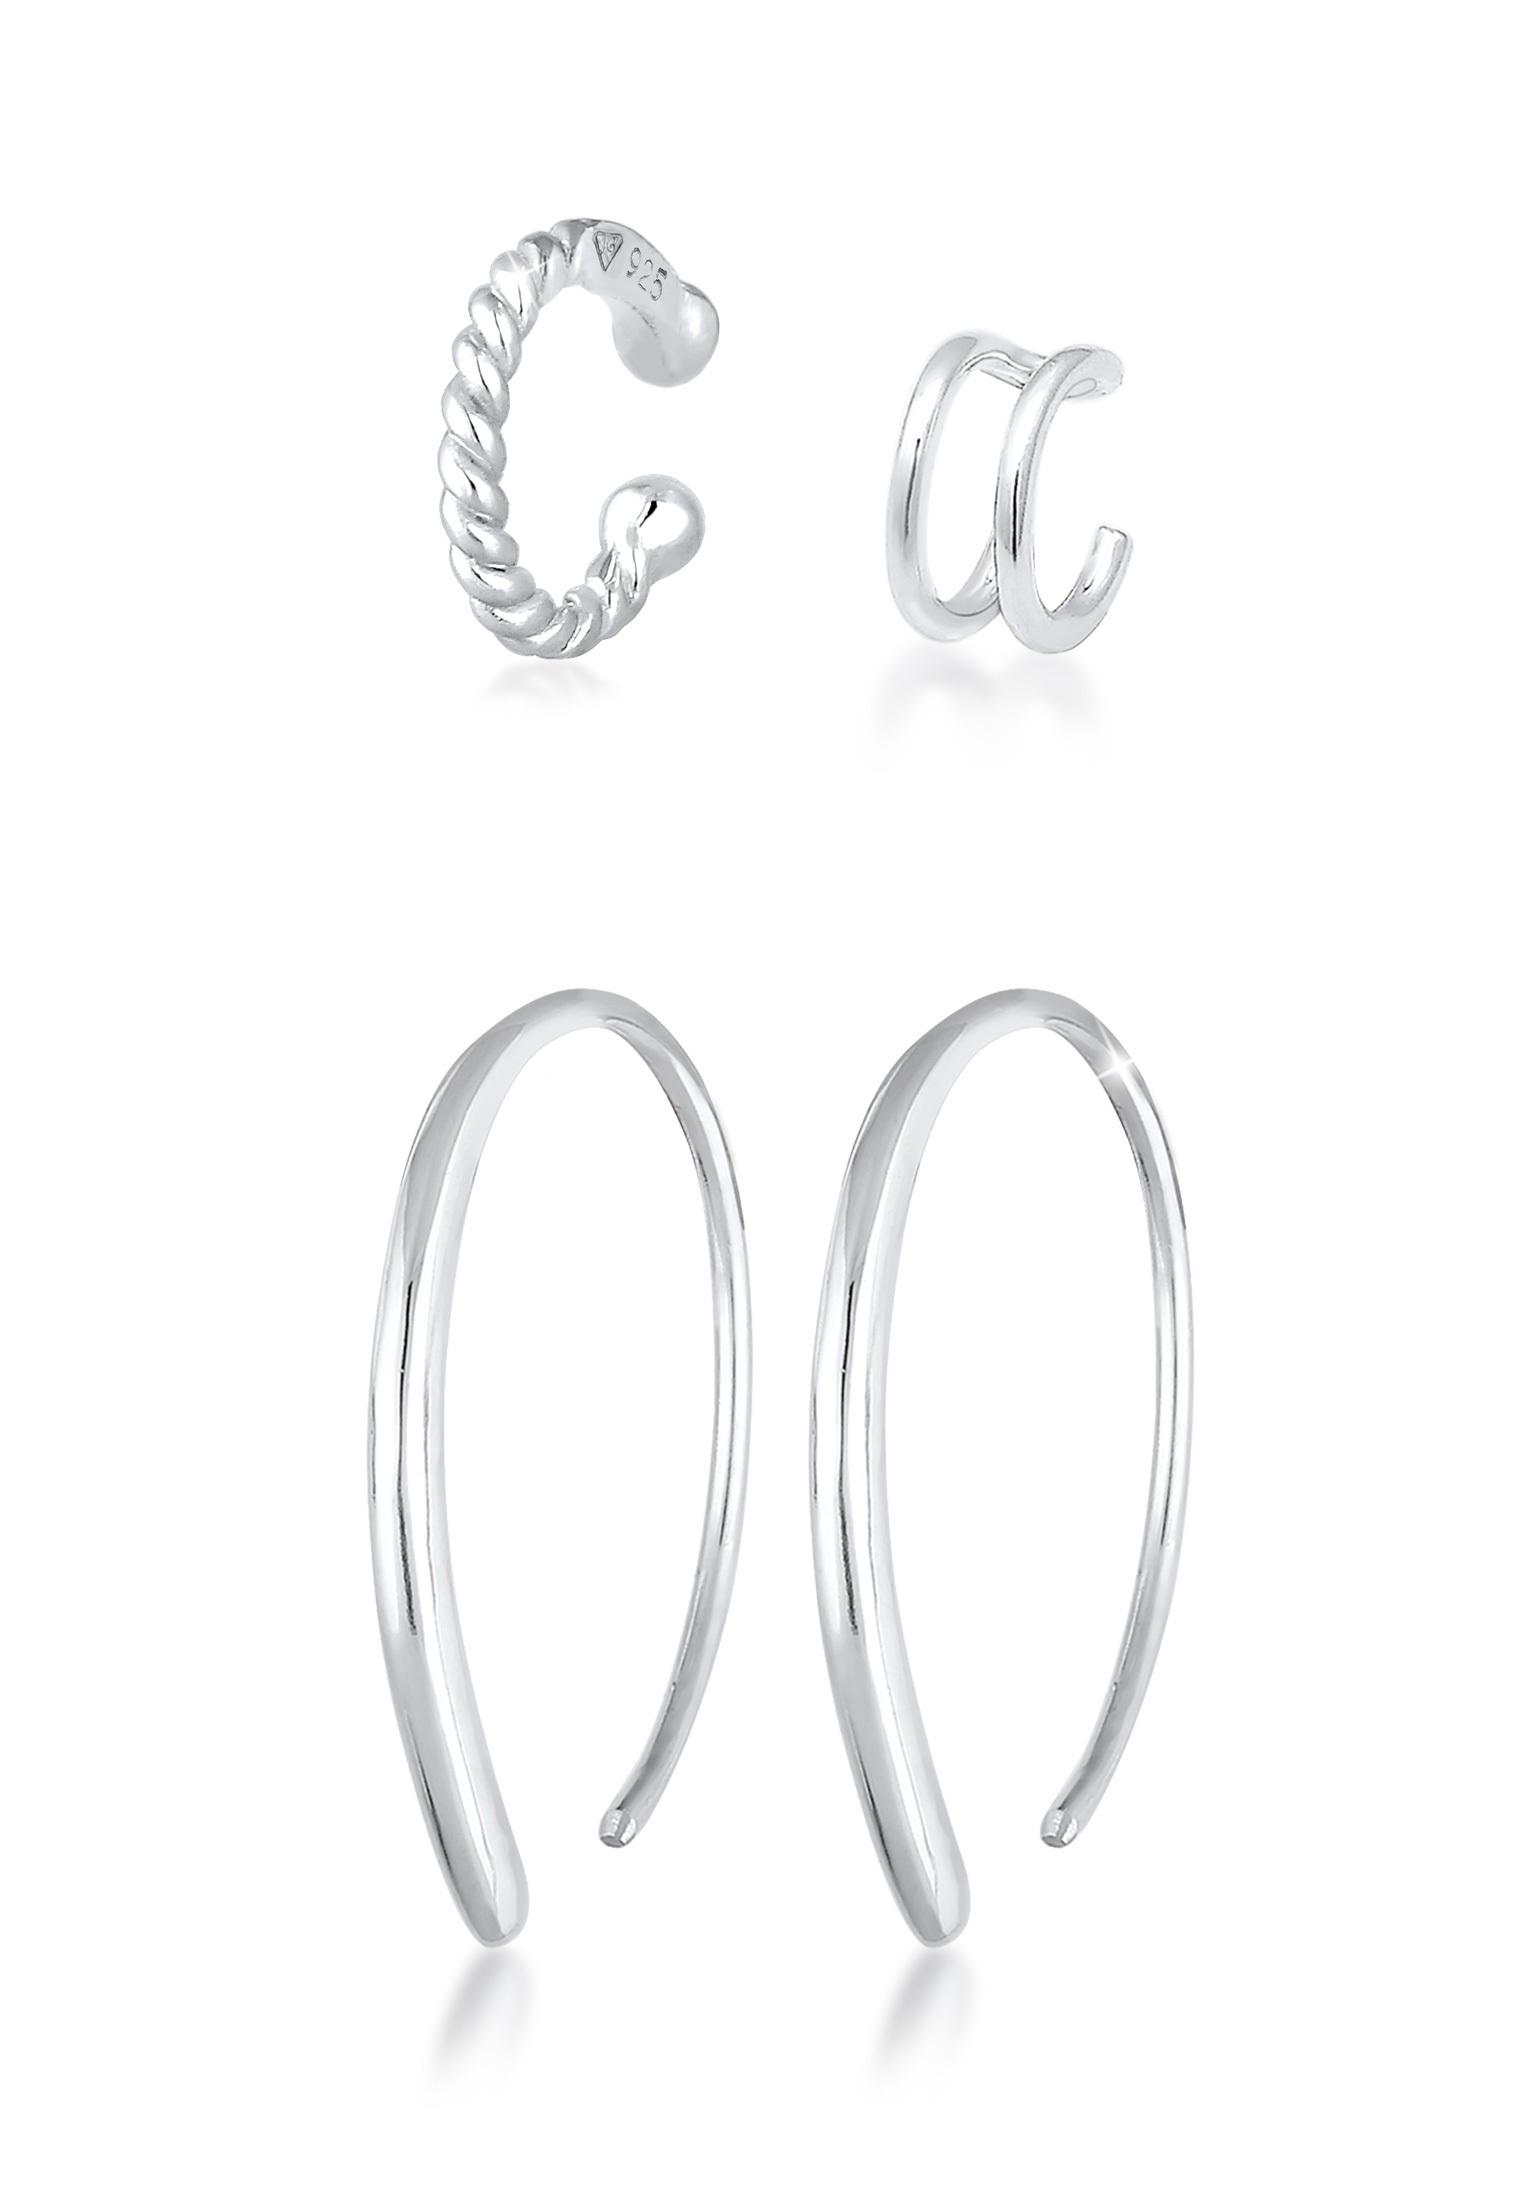 Ohrringset | 925er Sterling Silber